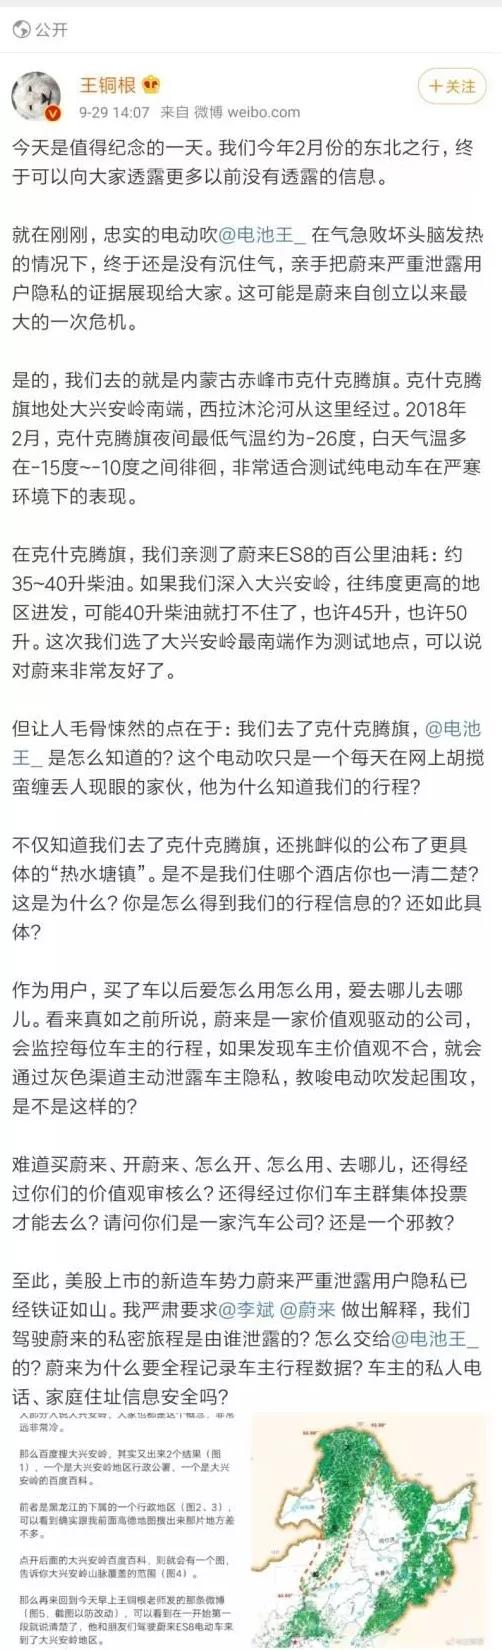 """超200亿亏损之后,蔚来又陷""""隐私泄漏""""风波"""